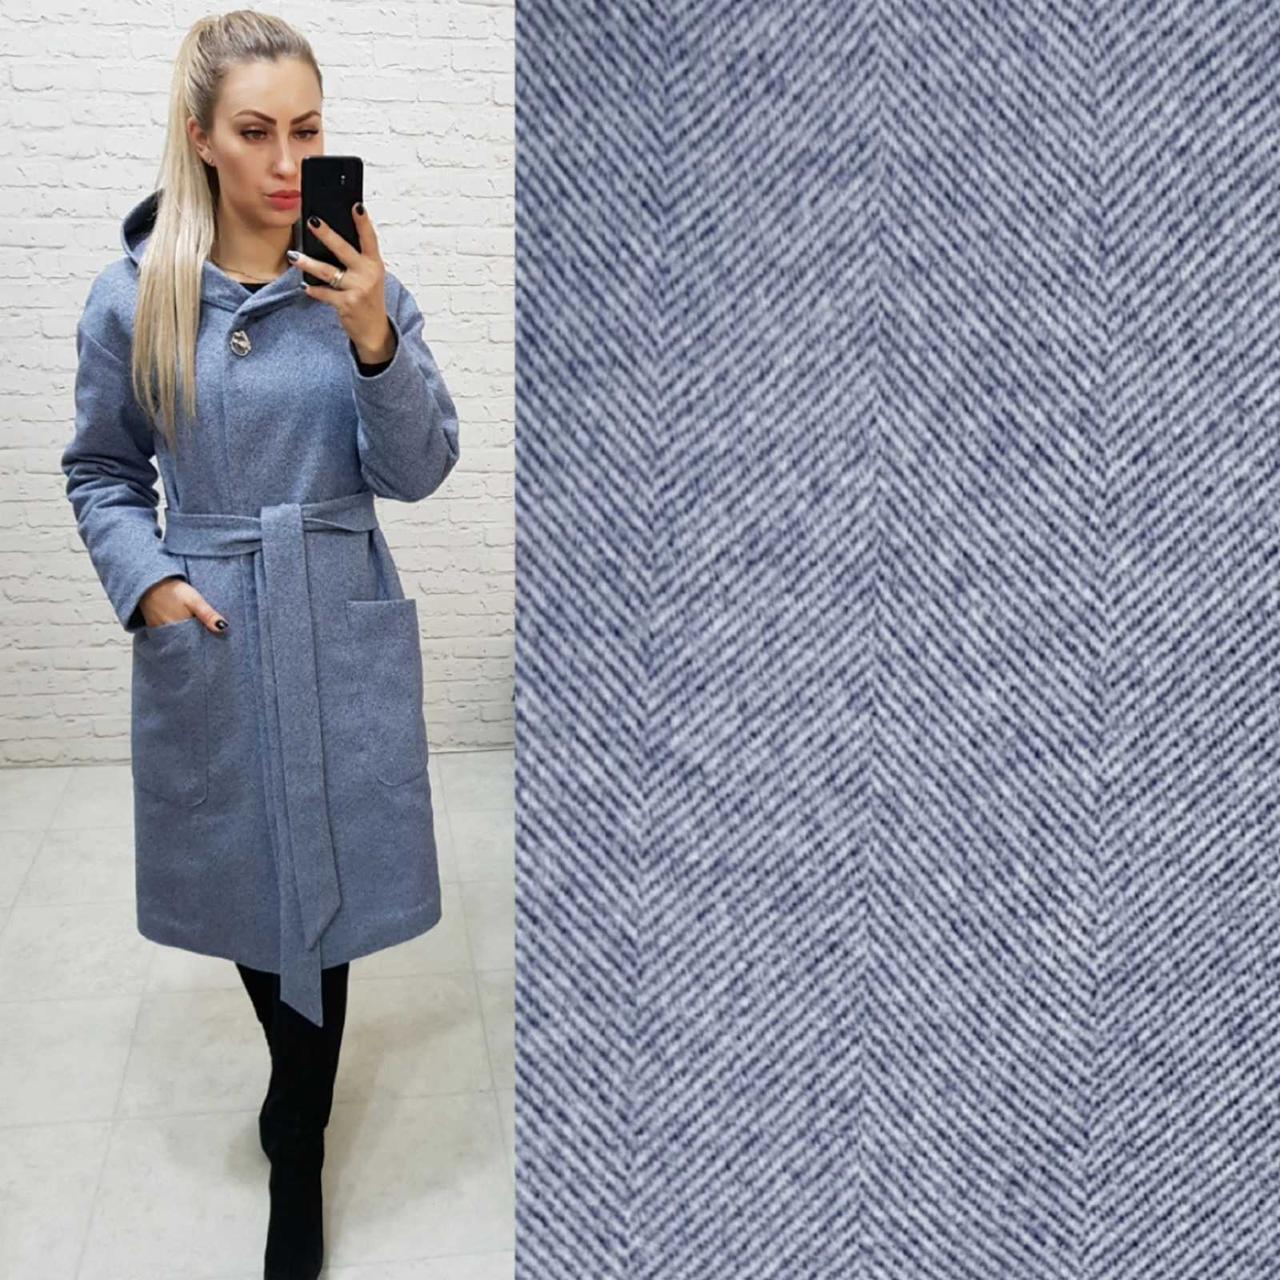 Теплое пальто с капюшоном, кашемировое, ЕВРО-ЗИМА, цвет елочка, арт 176